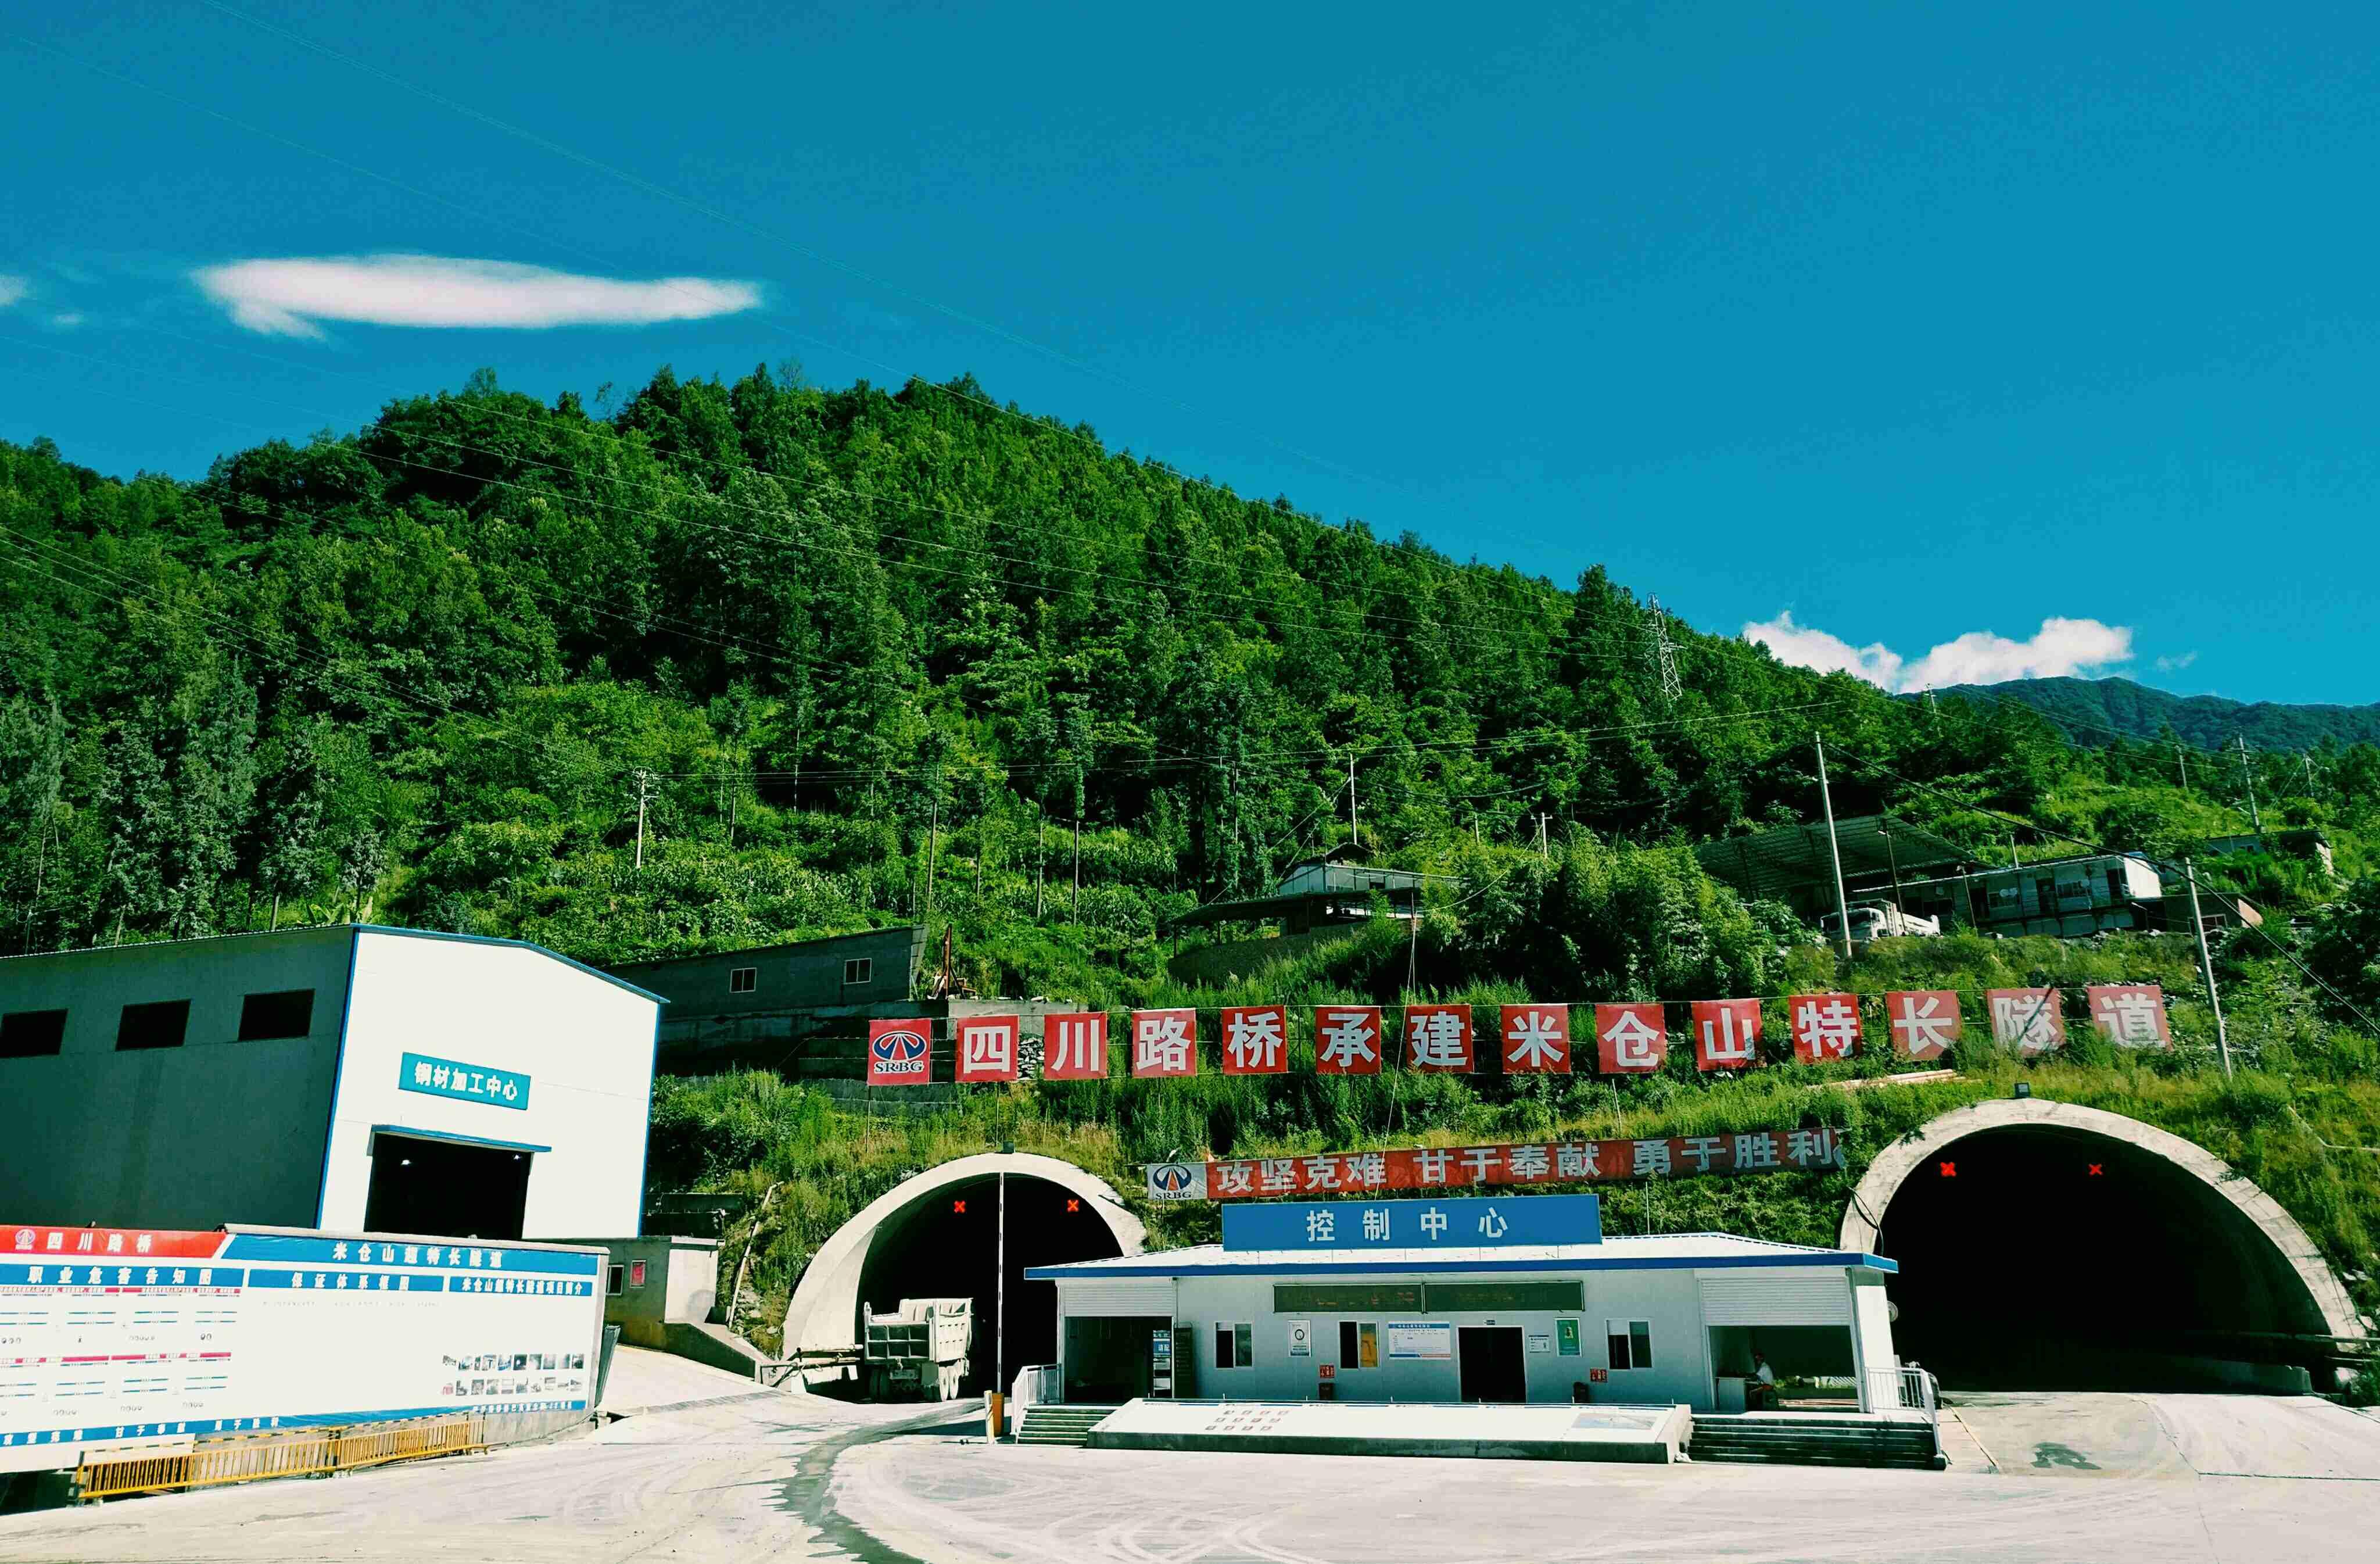 2米仓山隧道,全长13.80公里,是四川省在建最长、国内第二长、世界第三长的公路隧道。.jpg